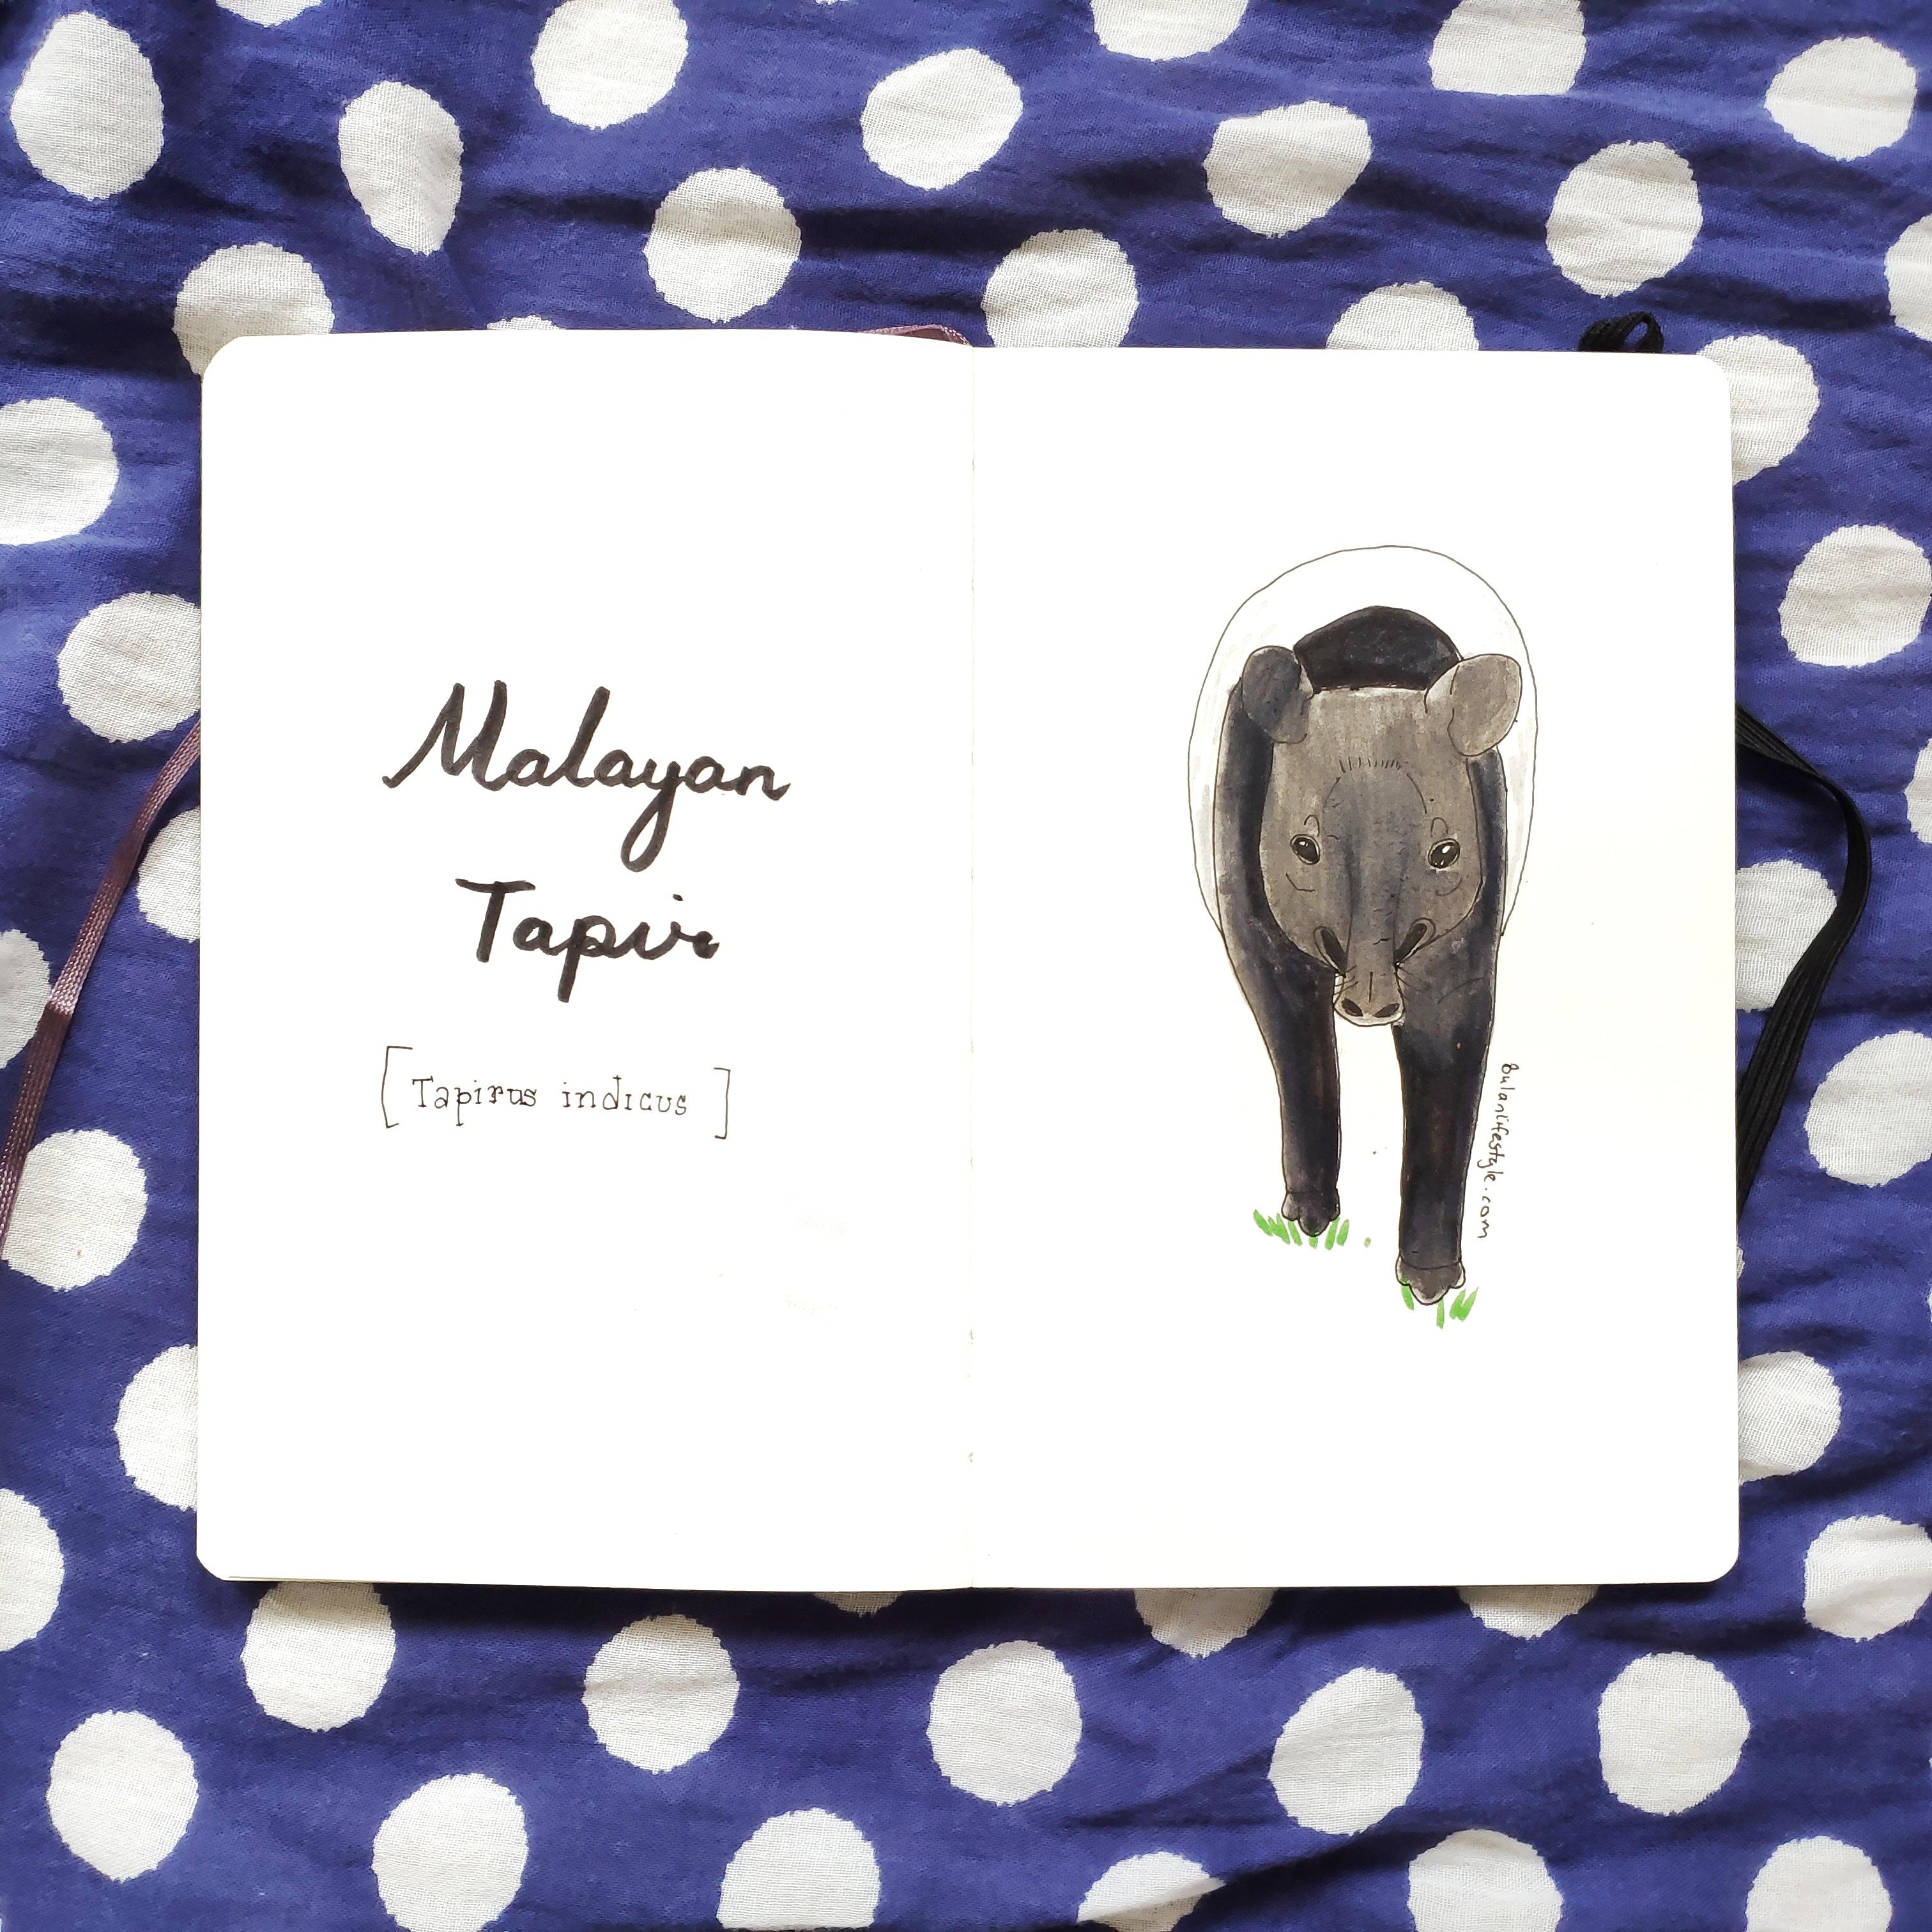 Mayalan Tapir